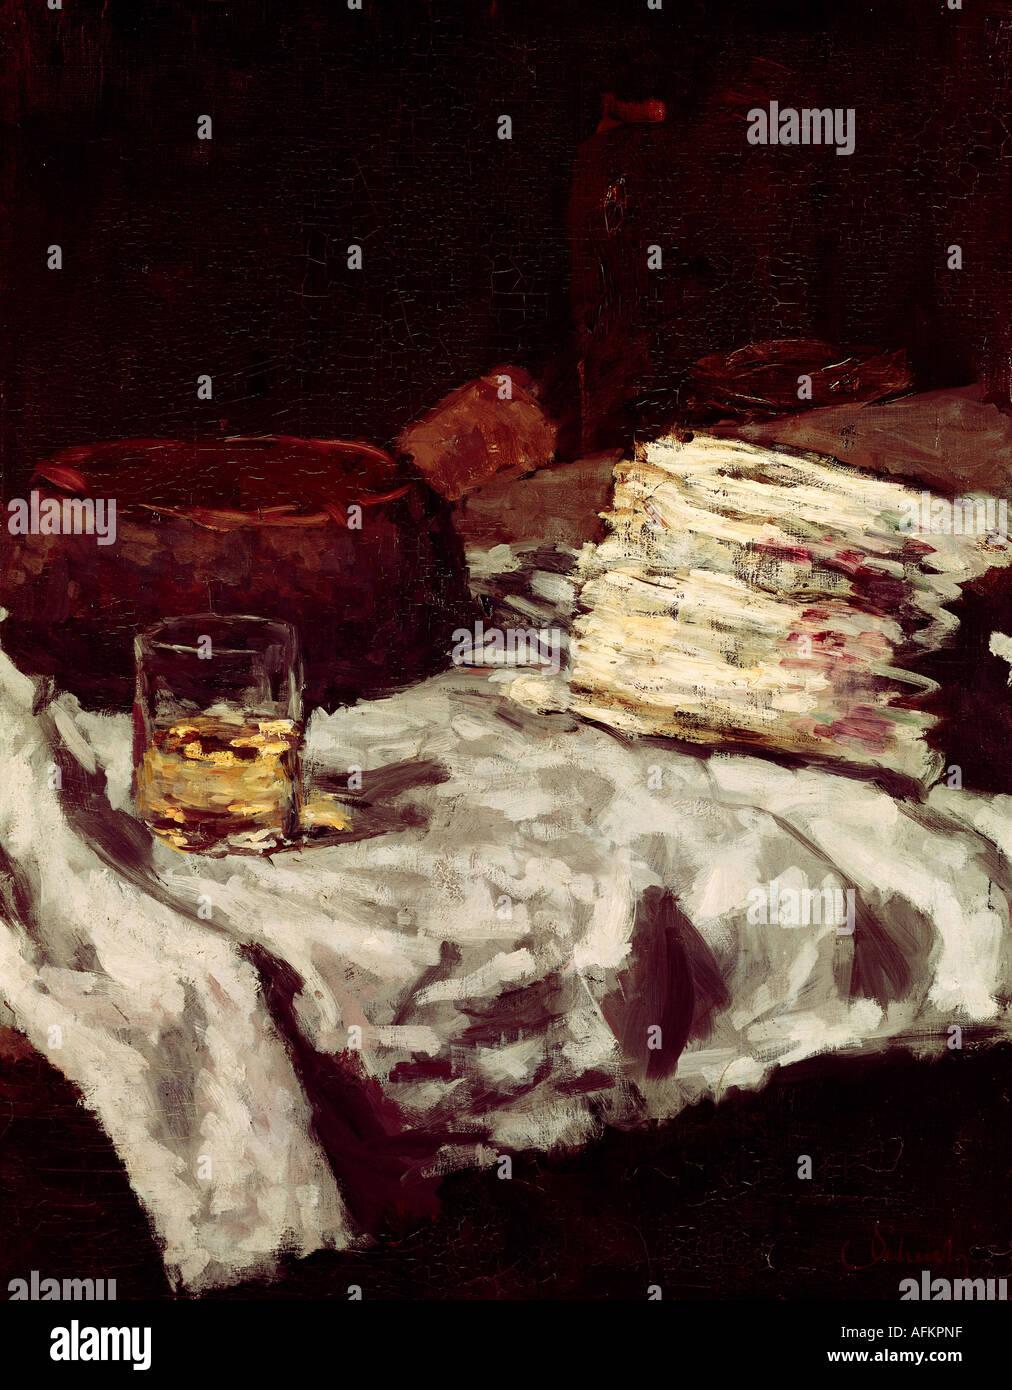 """""""Belle Arti, Schuch, Carl (30.9.1846 - 13.9.1903), pittura, 'Stillleben mit Spargel', circa 1885, olio su tela, Foto Stock"""